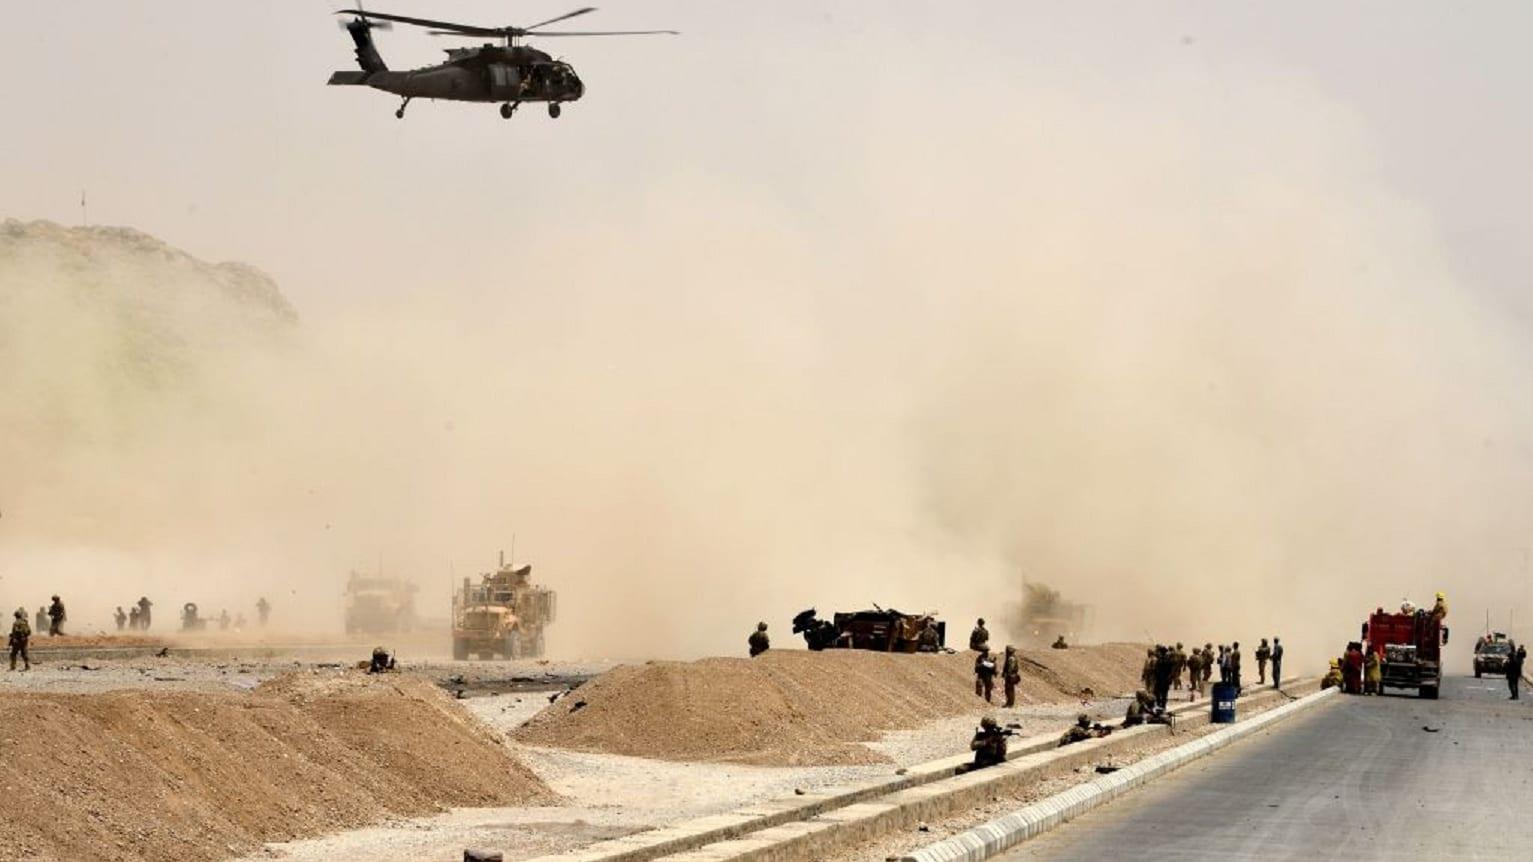 شاهد.. آثار الانفجارات التي أودت بحياة 29 شخصاً بينهم 8 صحفيين في أفغانستان